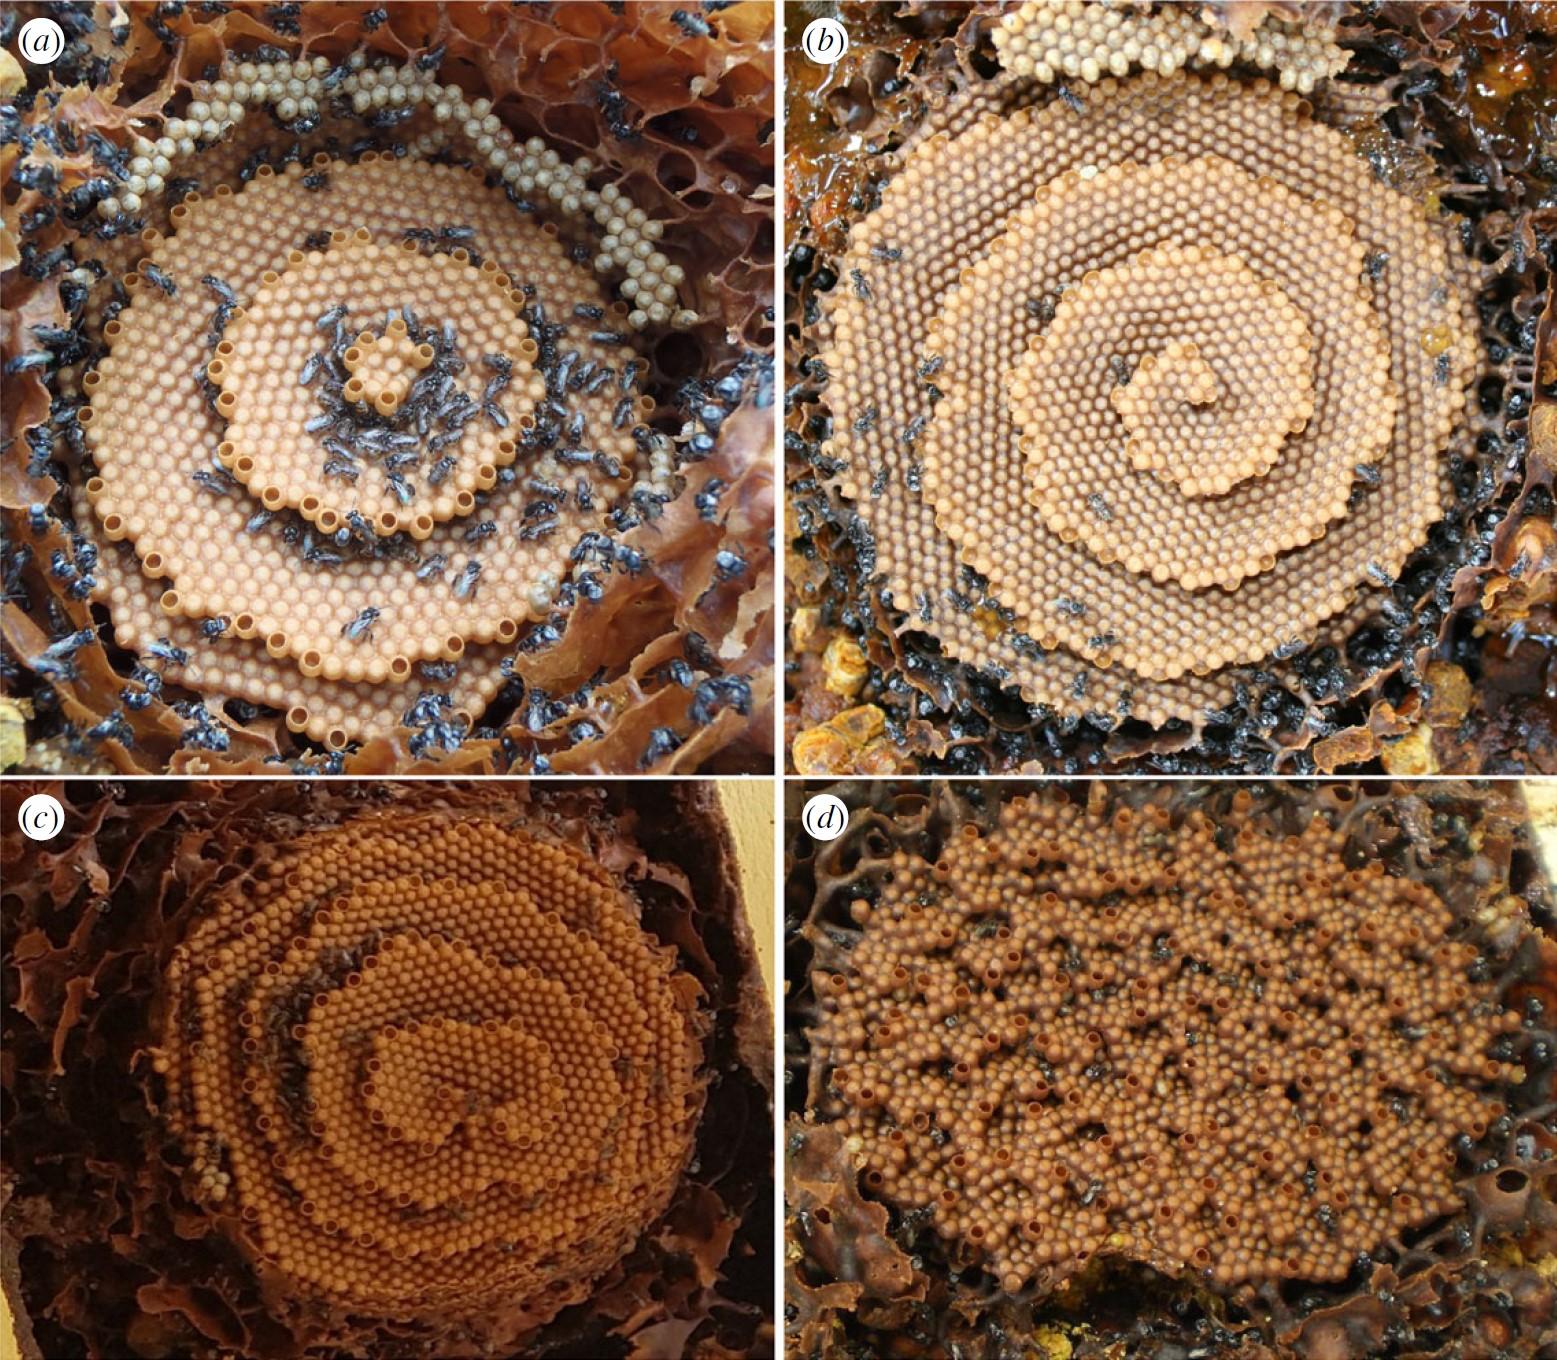 Desvelan qué patrones matemáticos siguen las abejas para fabricar sus perfectos panales